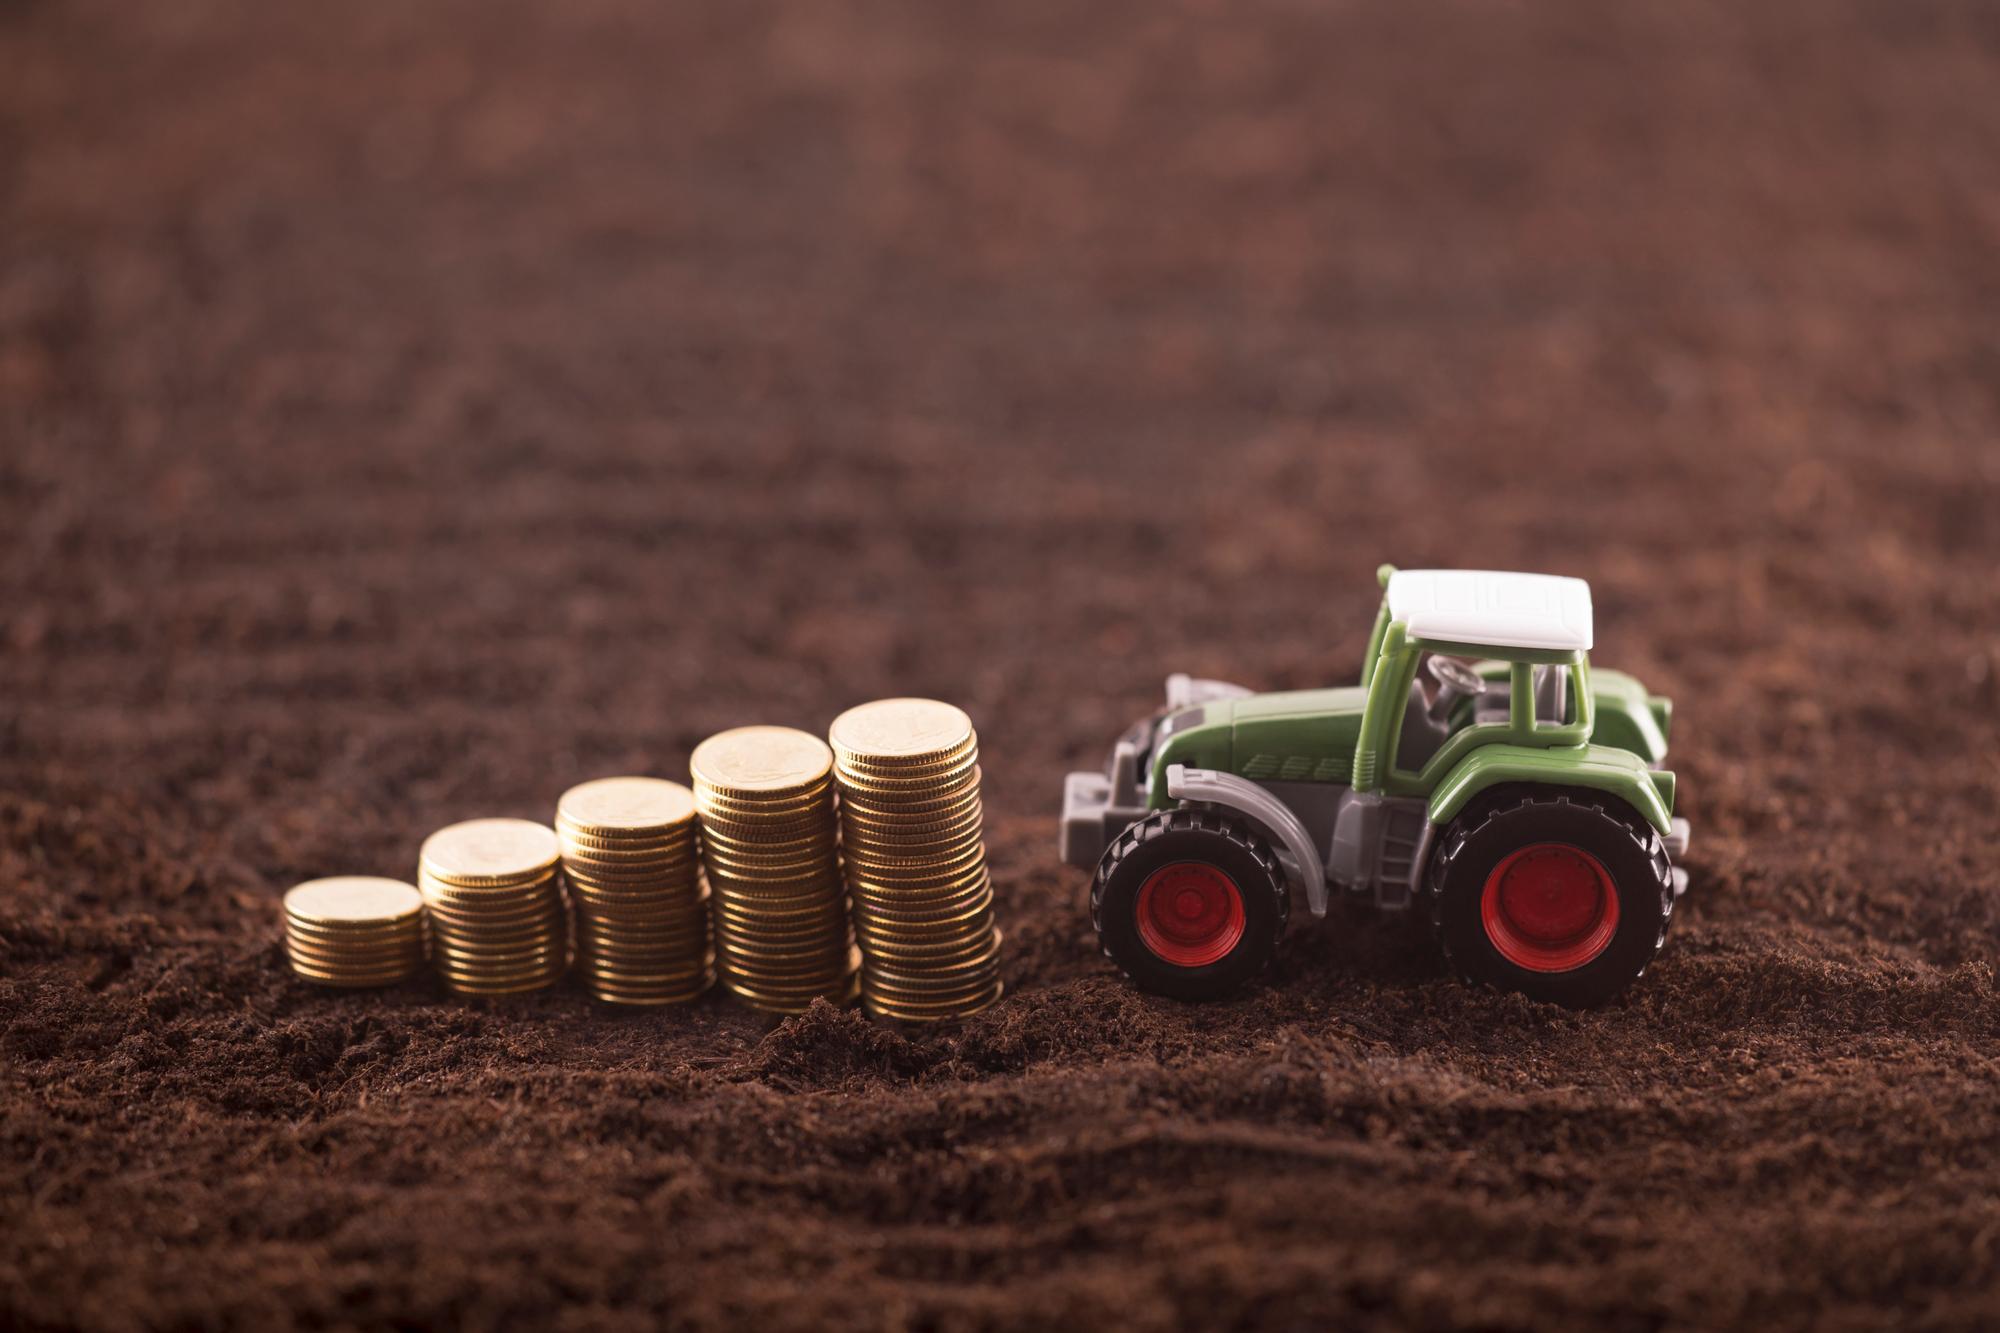 «UKRAVIT» і Ощадбанк пропонують унікальні переваги для аграріїв, які кредитуються за програмою «5-7-9%»